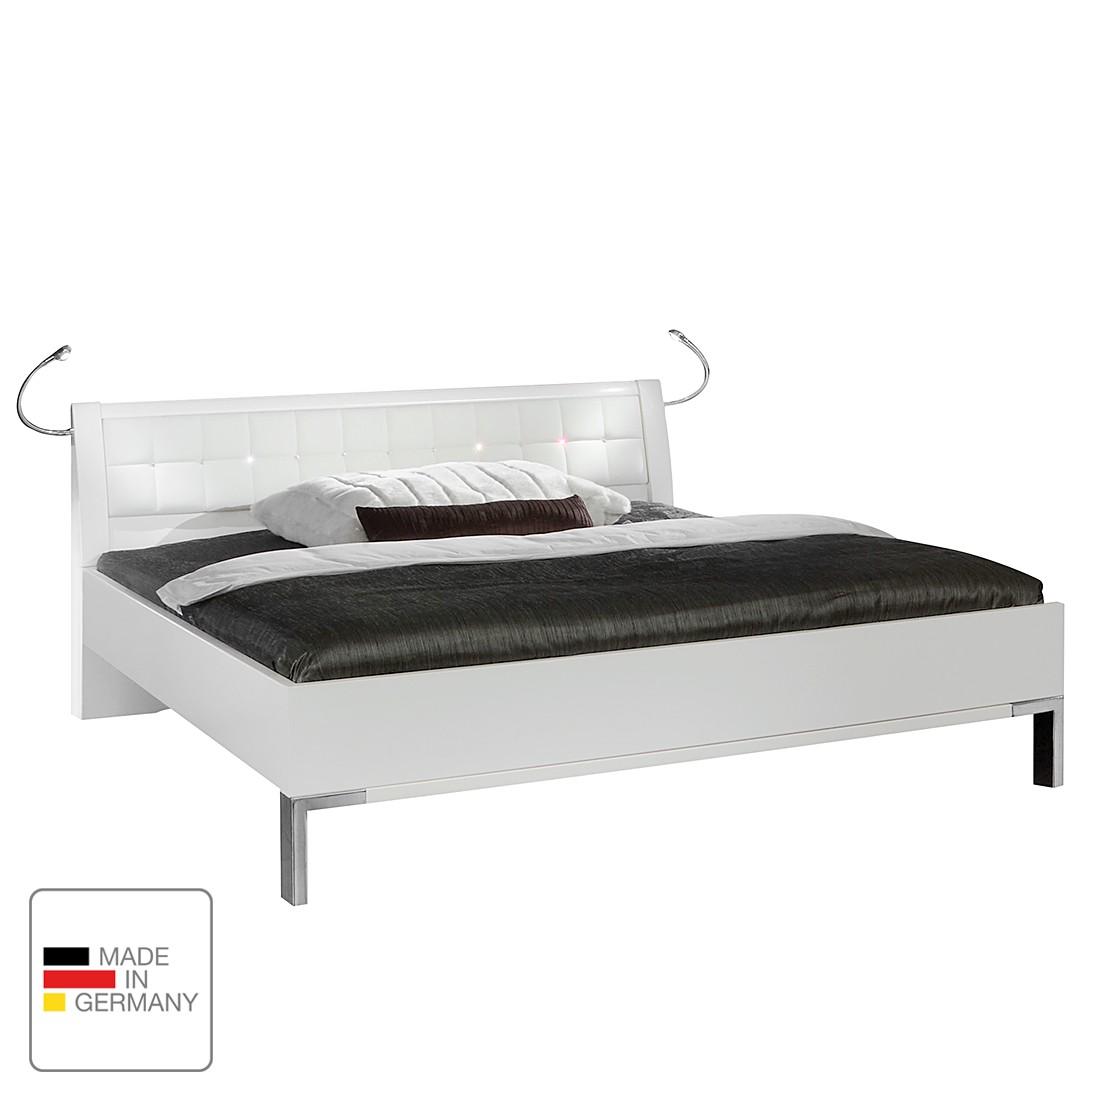 goedkoop energie A+ Bed Dubai II alpinewit 160 x 200cm Met verlichting Wiemann